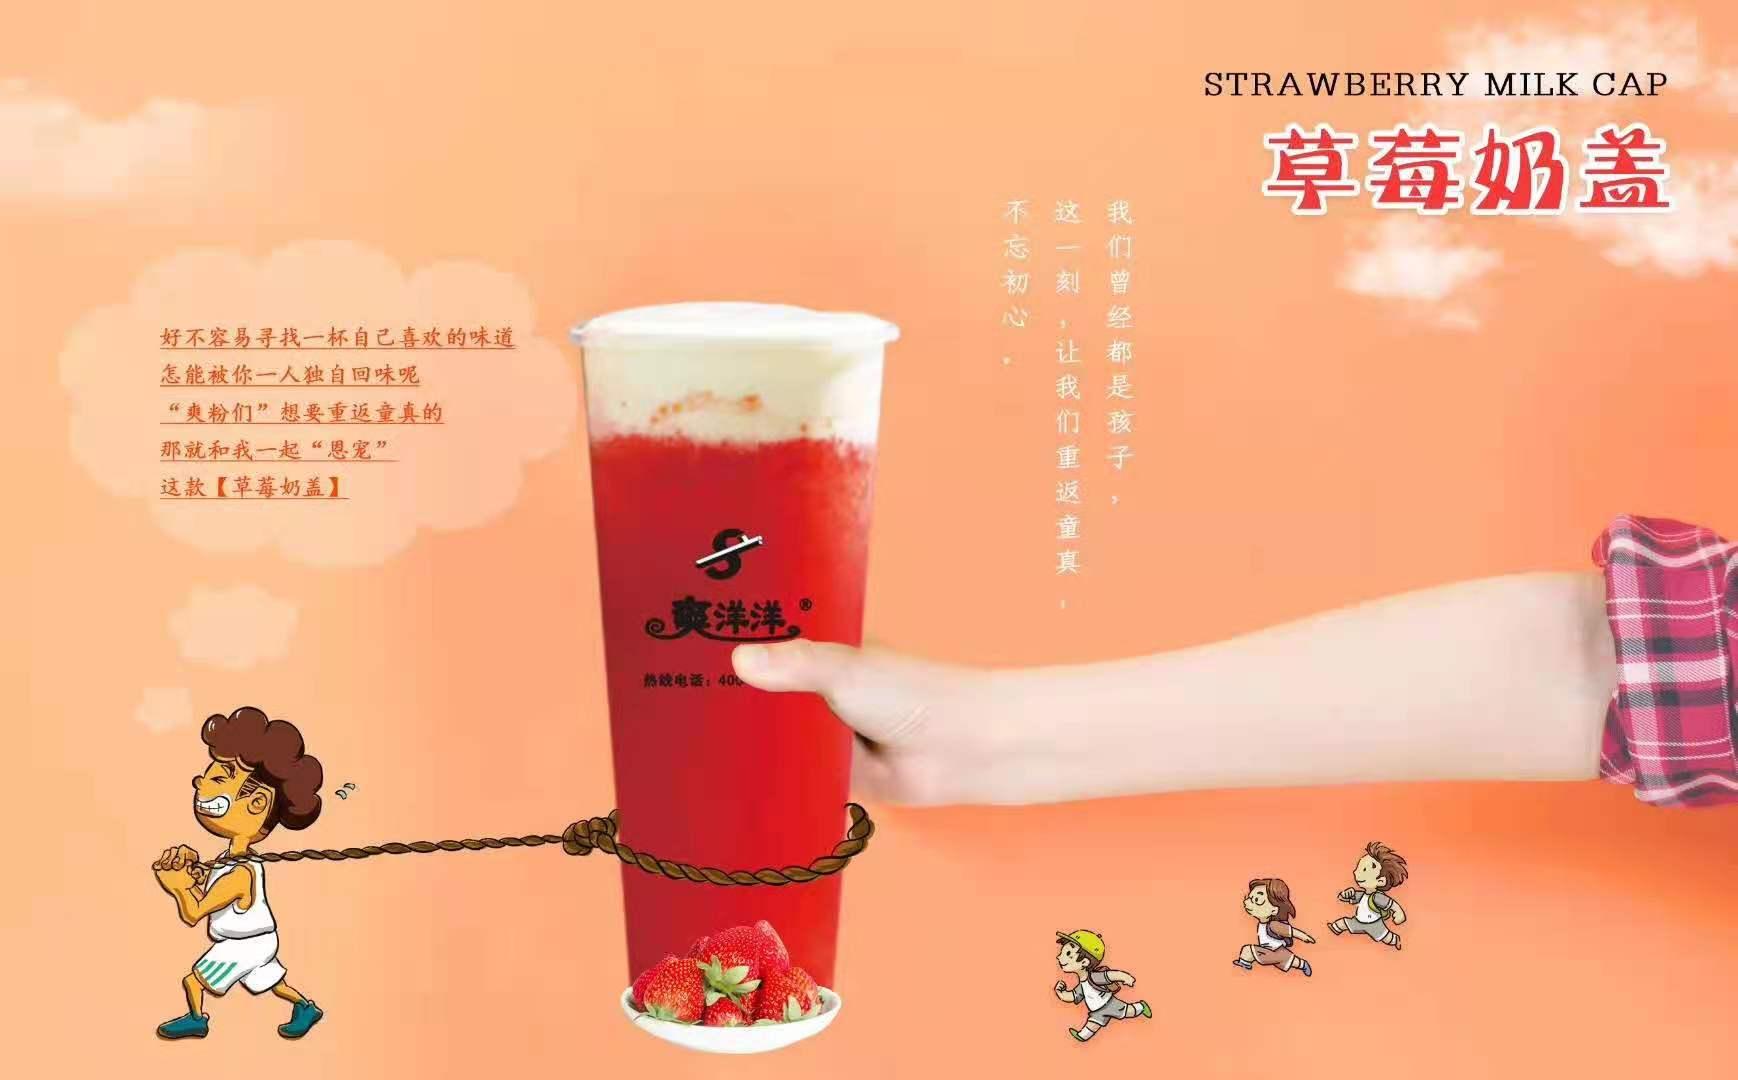 爽洋洋奶茶加盟认准唯一官方网站,您放心我们才安心!